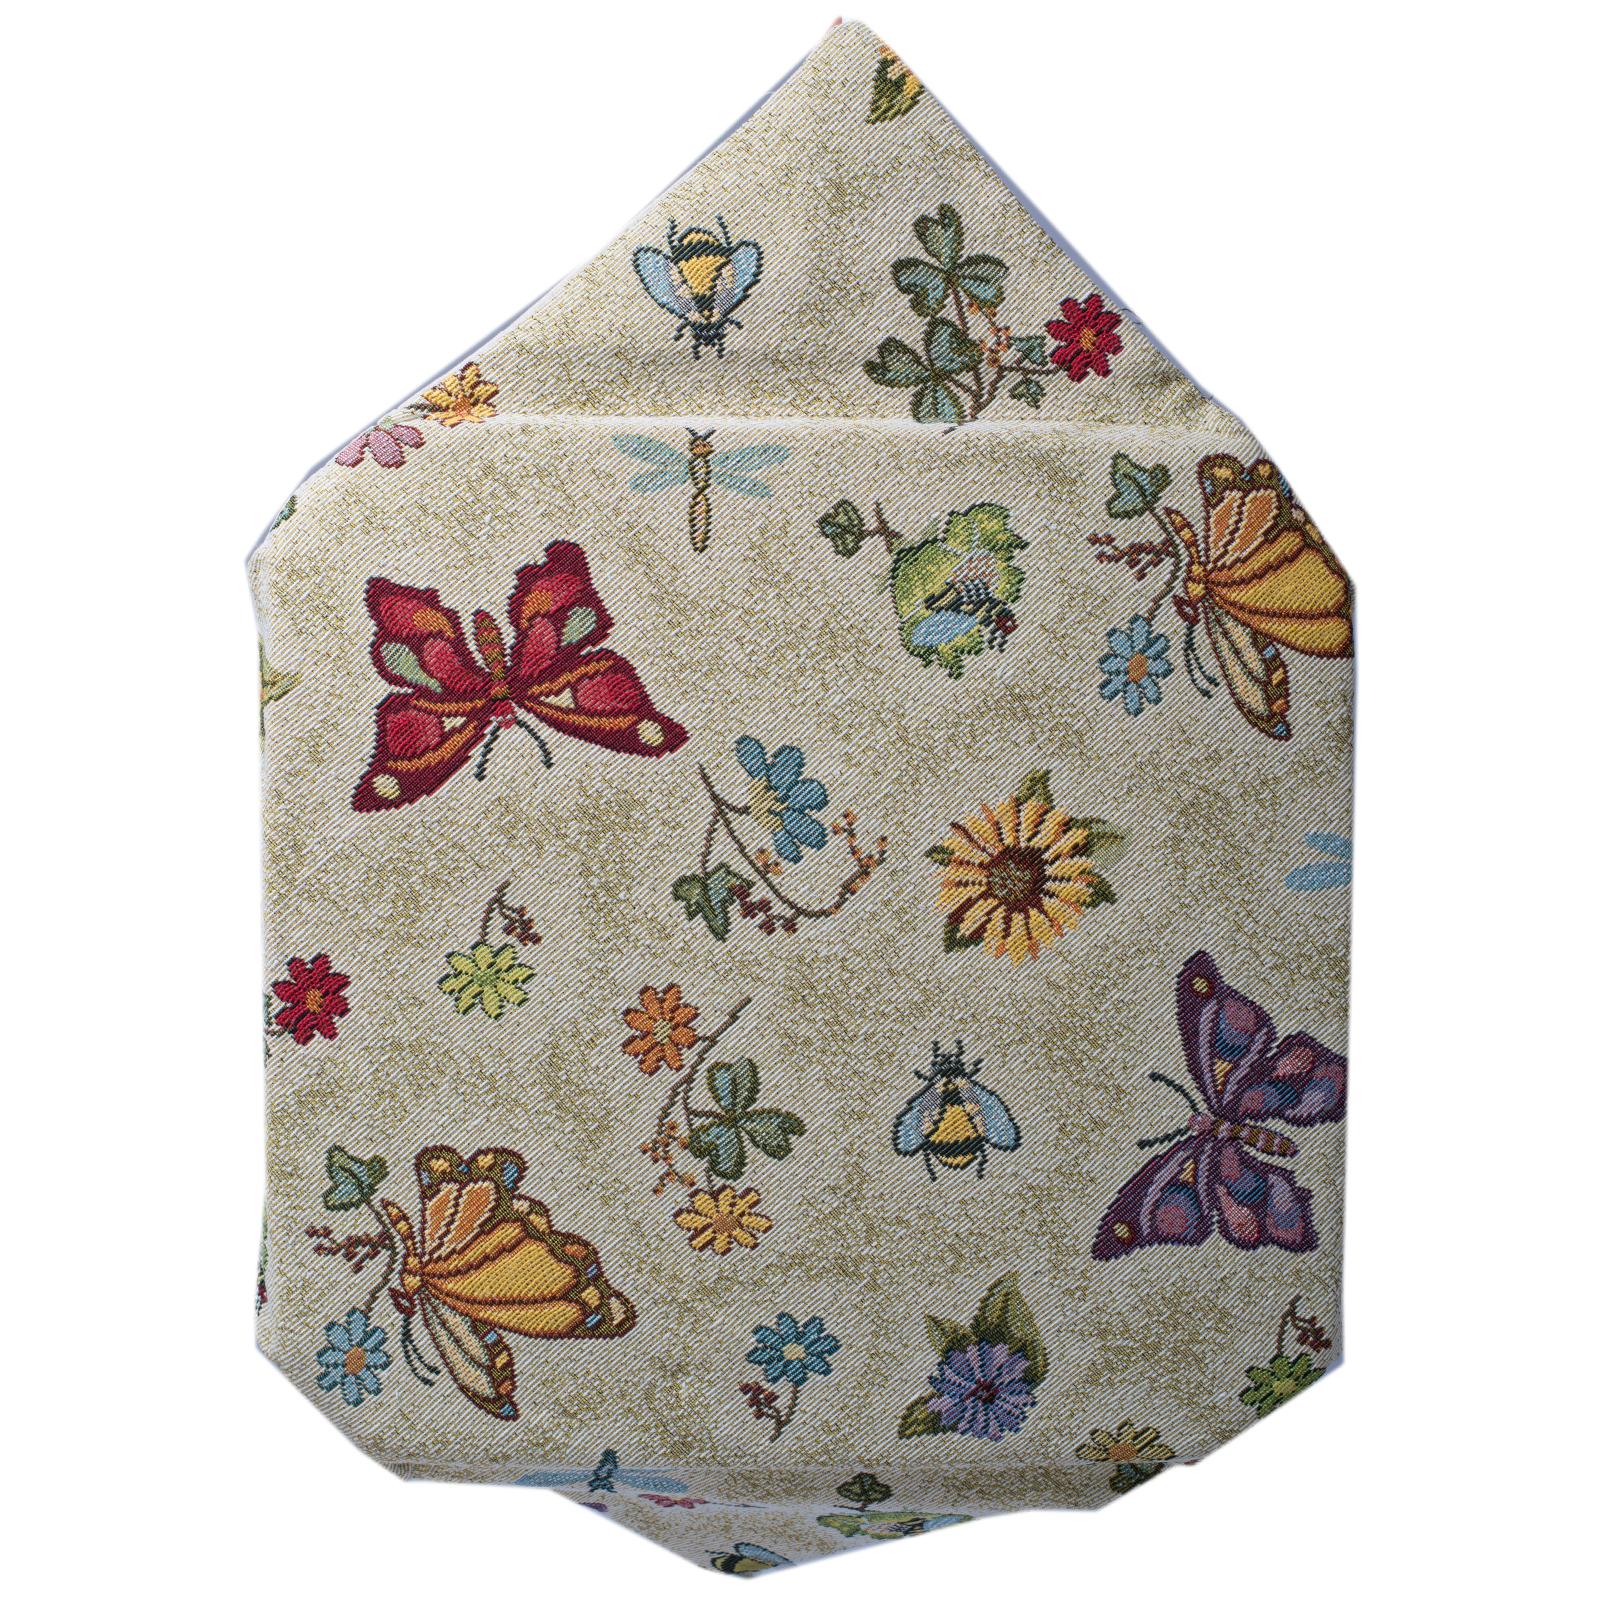 Cuscino sedia alette gobelin farfalle cose di casa un mondo di accessori per la casa - Cuscini per cucina ...